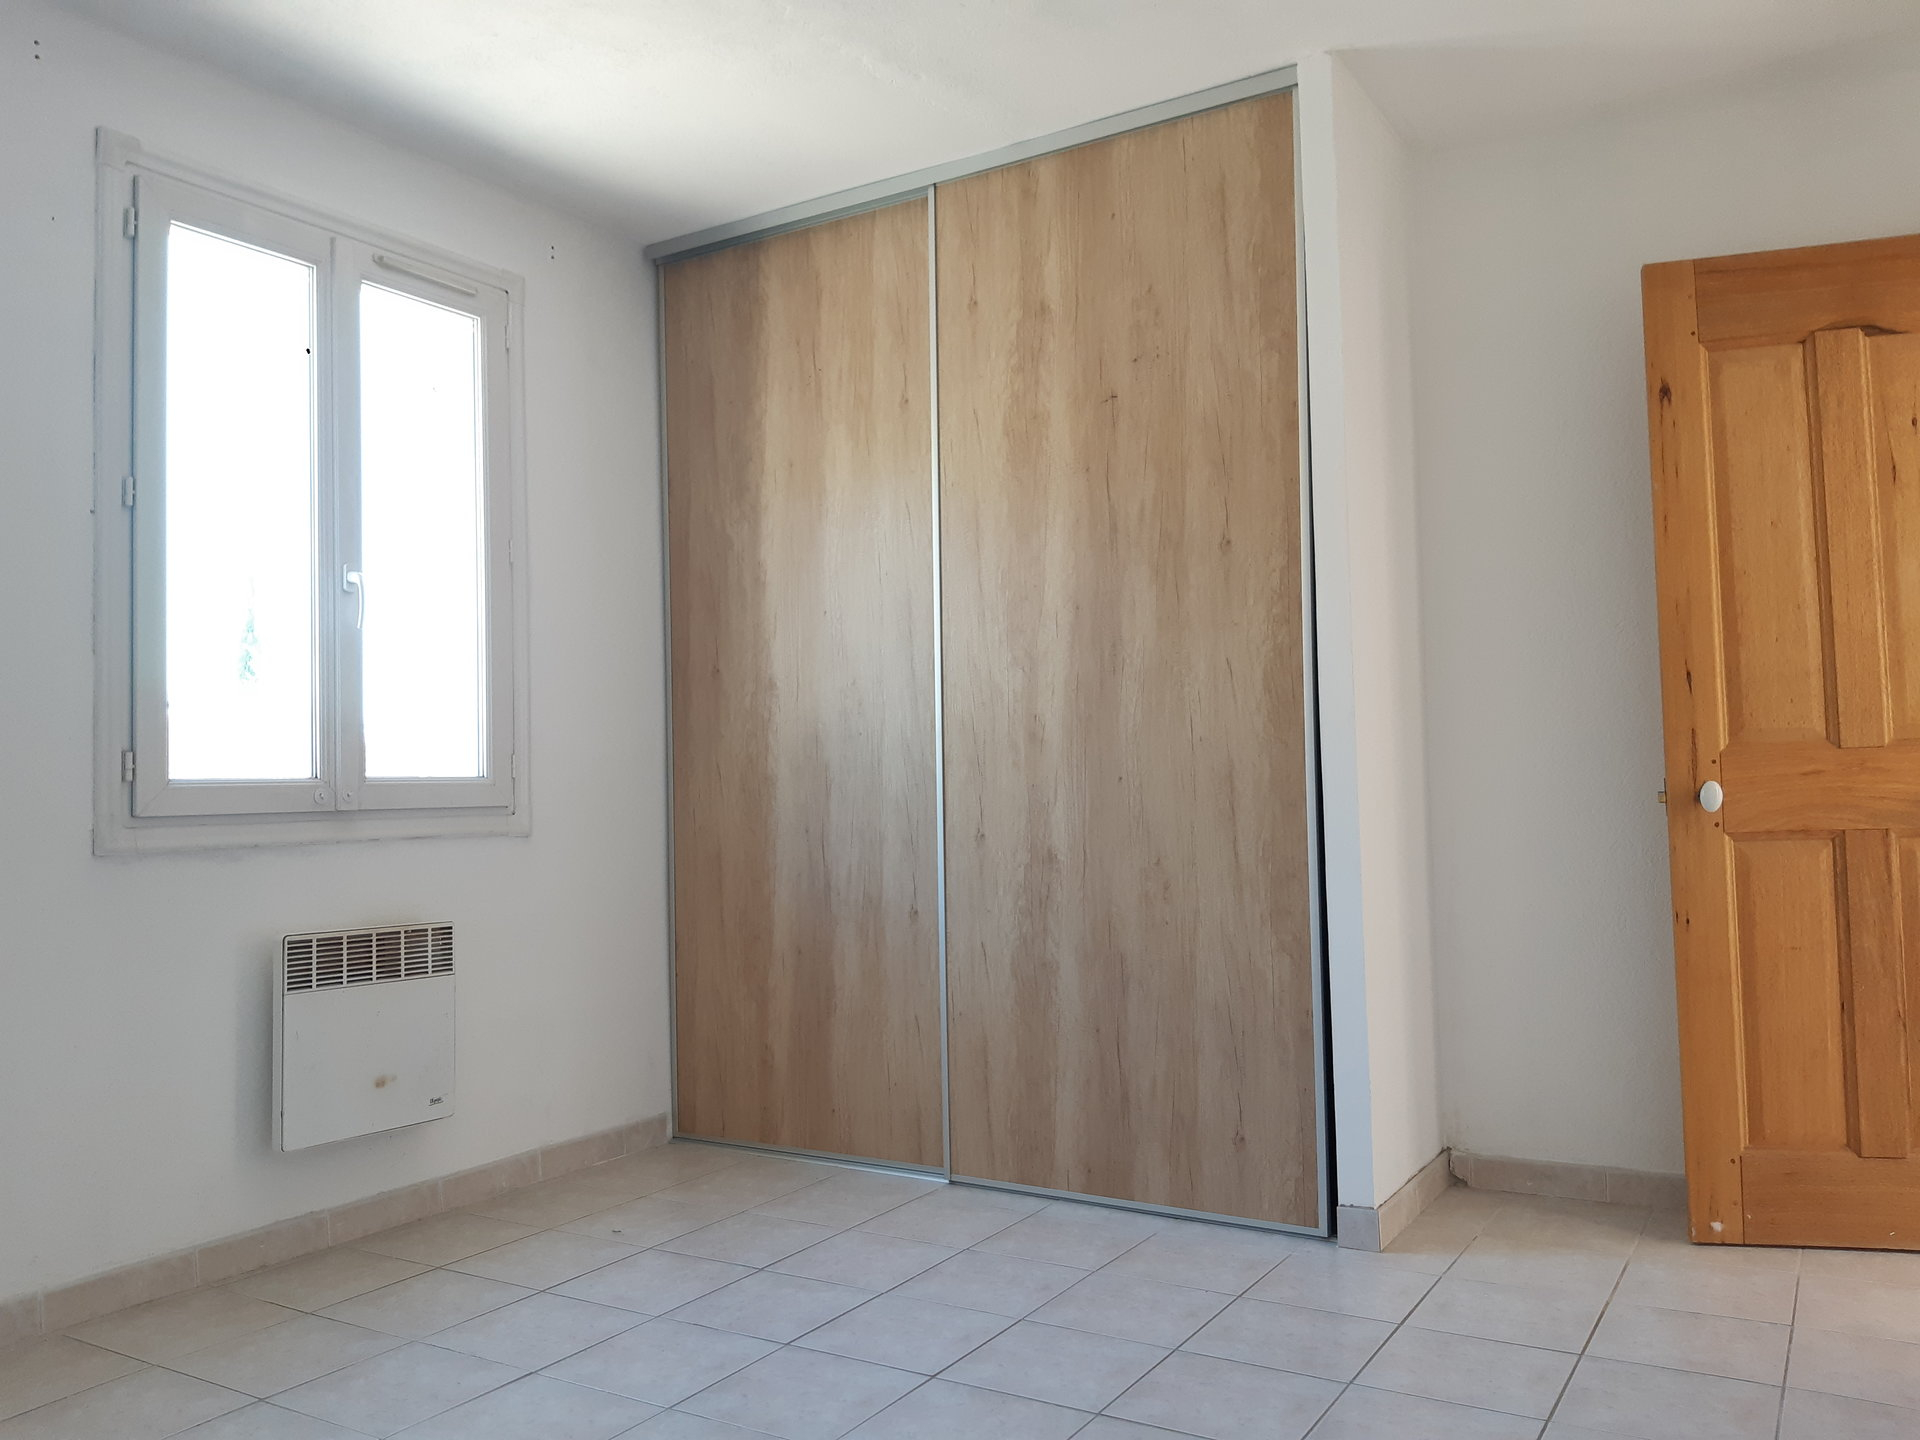 Location Maison PARADOU climatisation, individuel, electrique chauffage